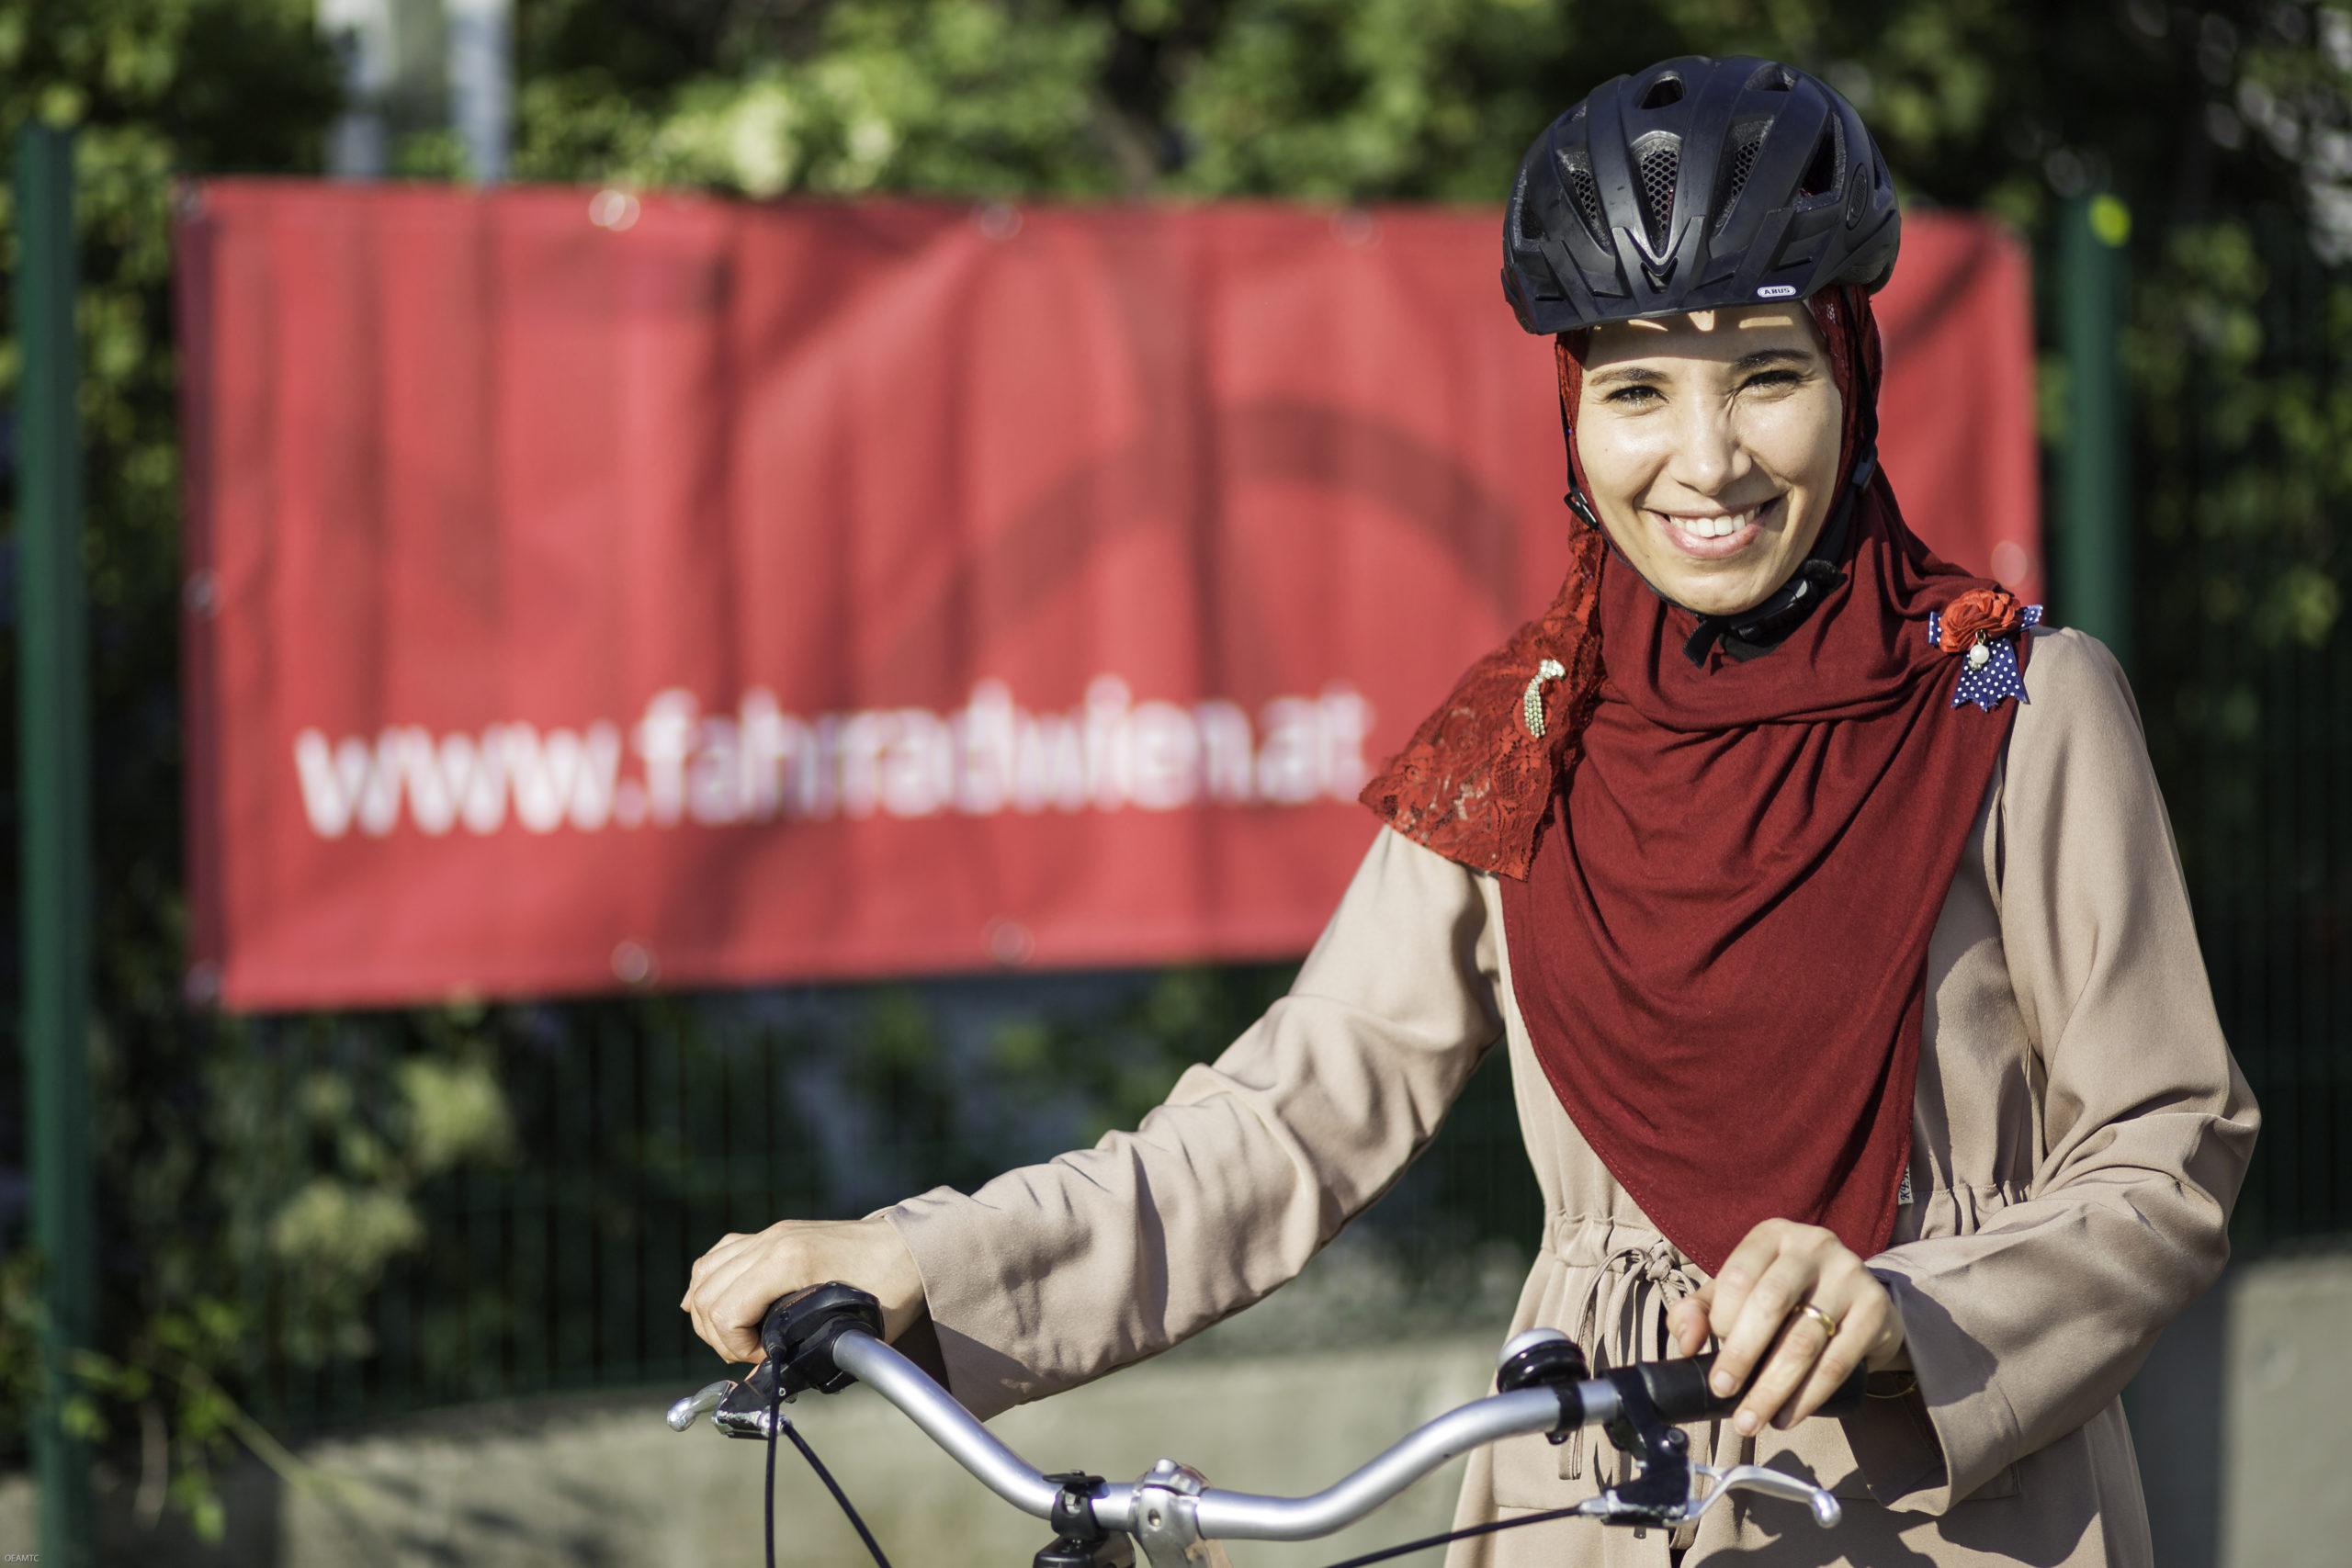 Eine Frau mit einem Schleier und Helm steht mit ihrem Fahrrad und lächelt in die Kamera